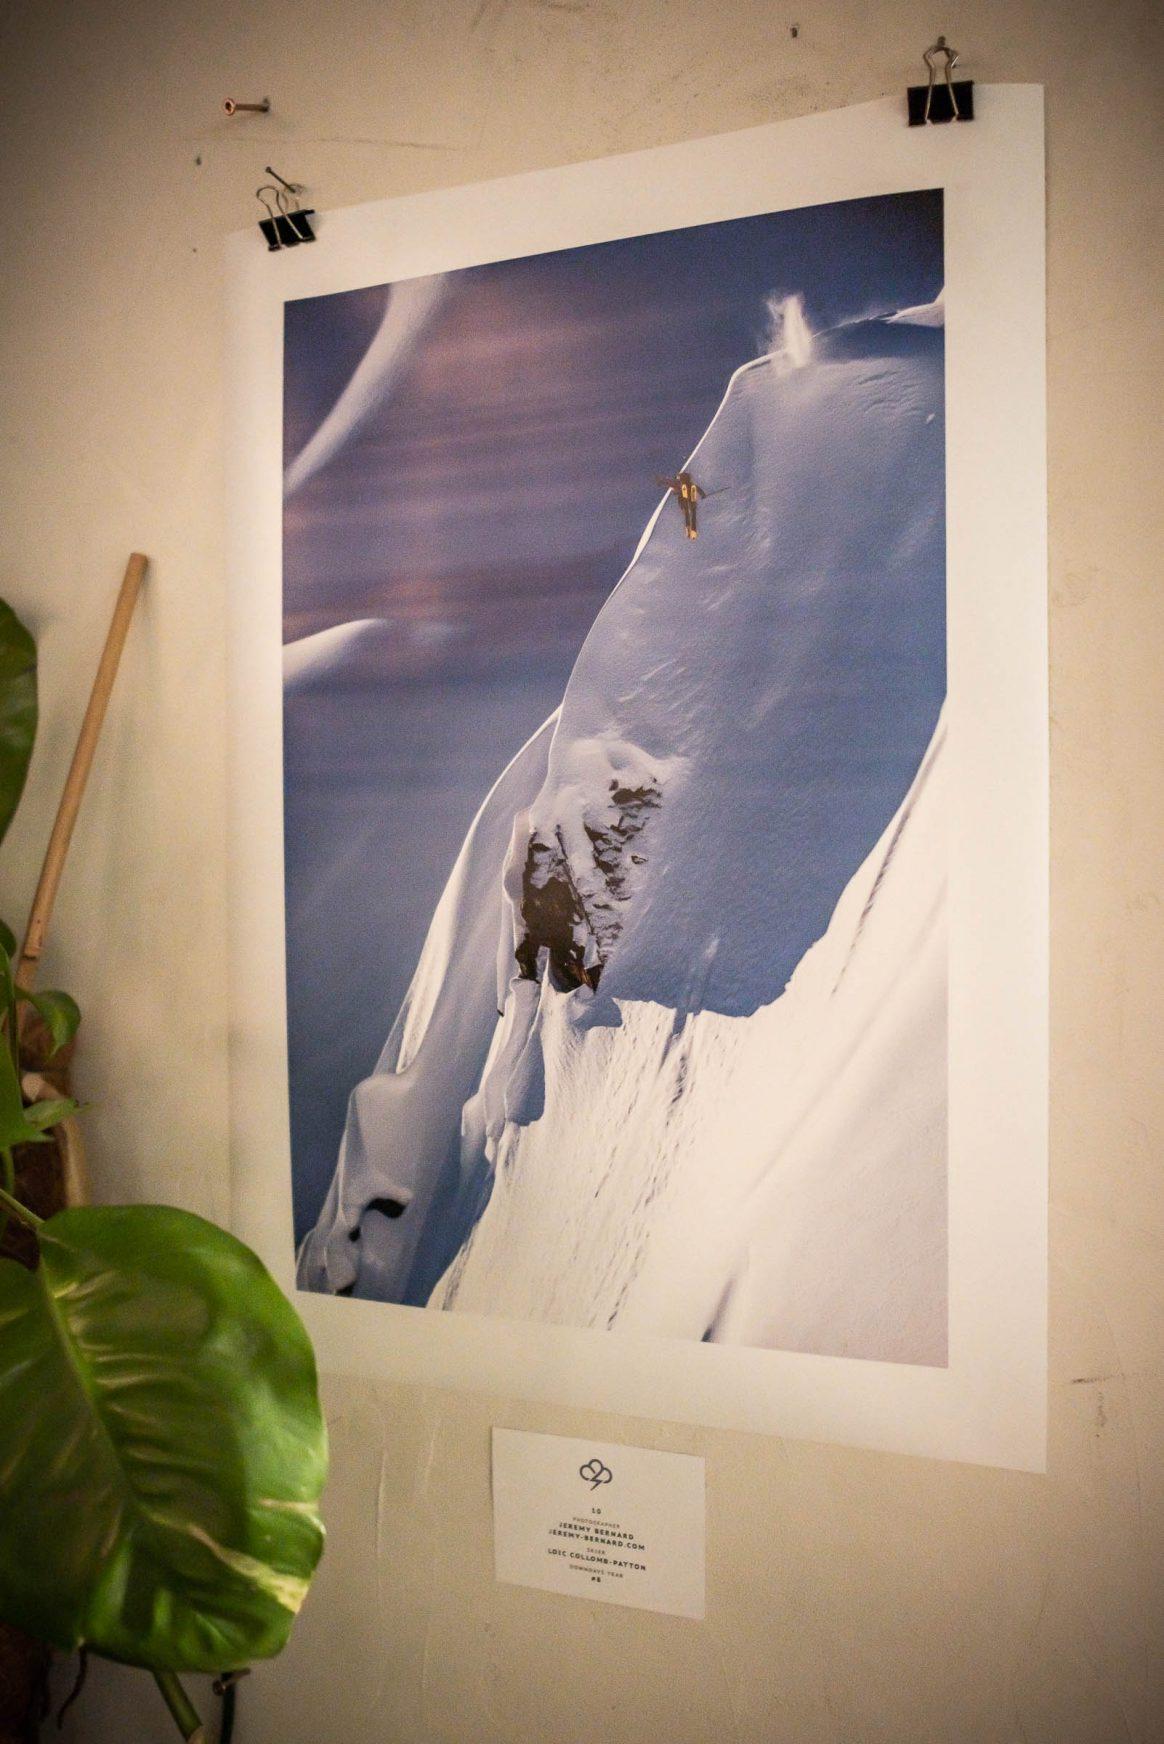 Downdays Photo Exhibition Loic Collomb Patton by Jeremy Bernard